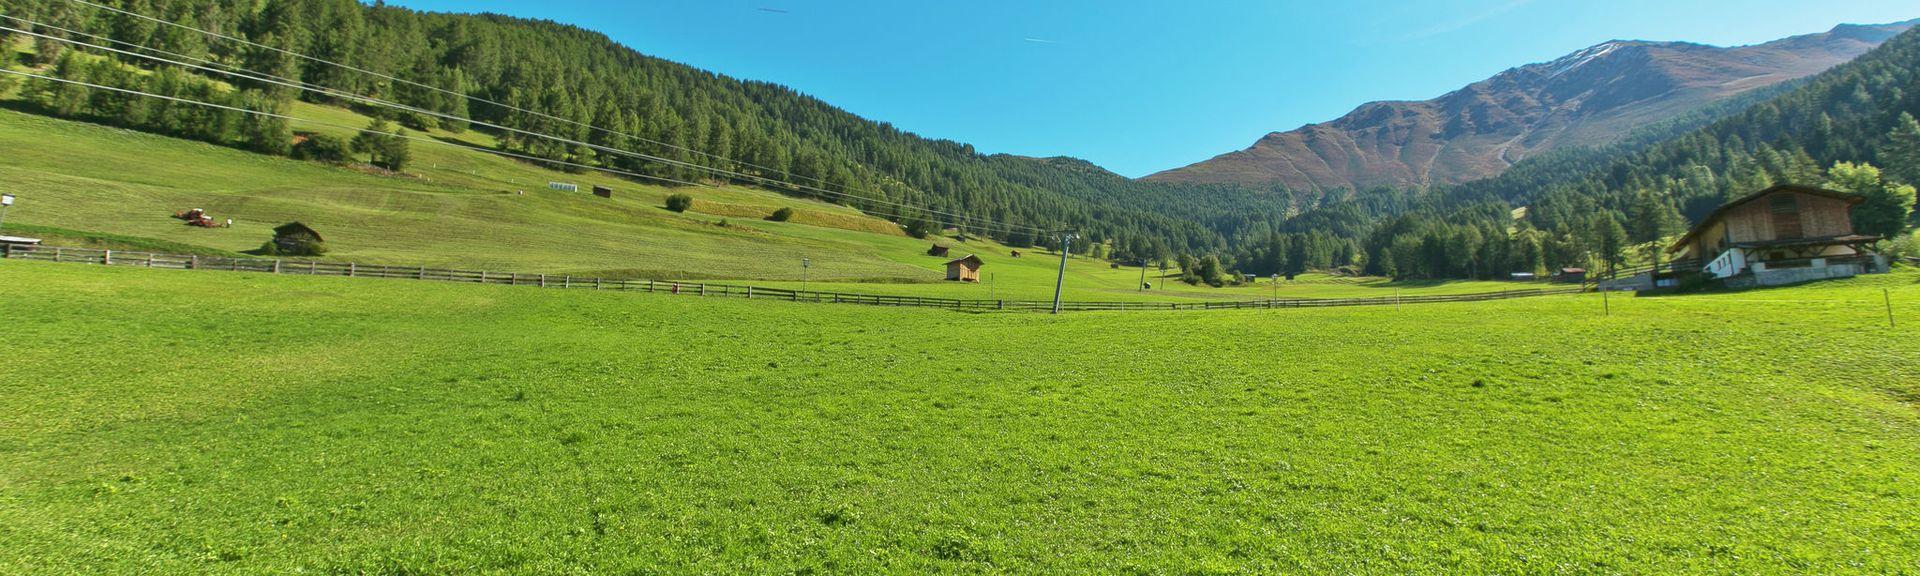 Jerzens, Tirol, Østerrike